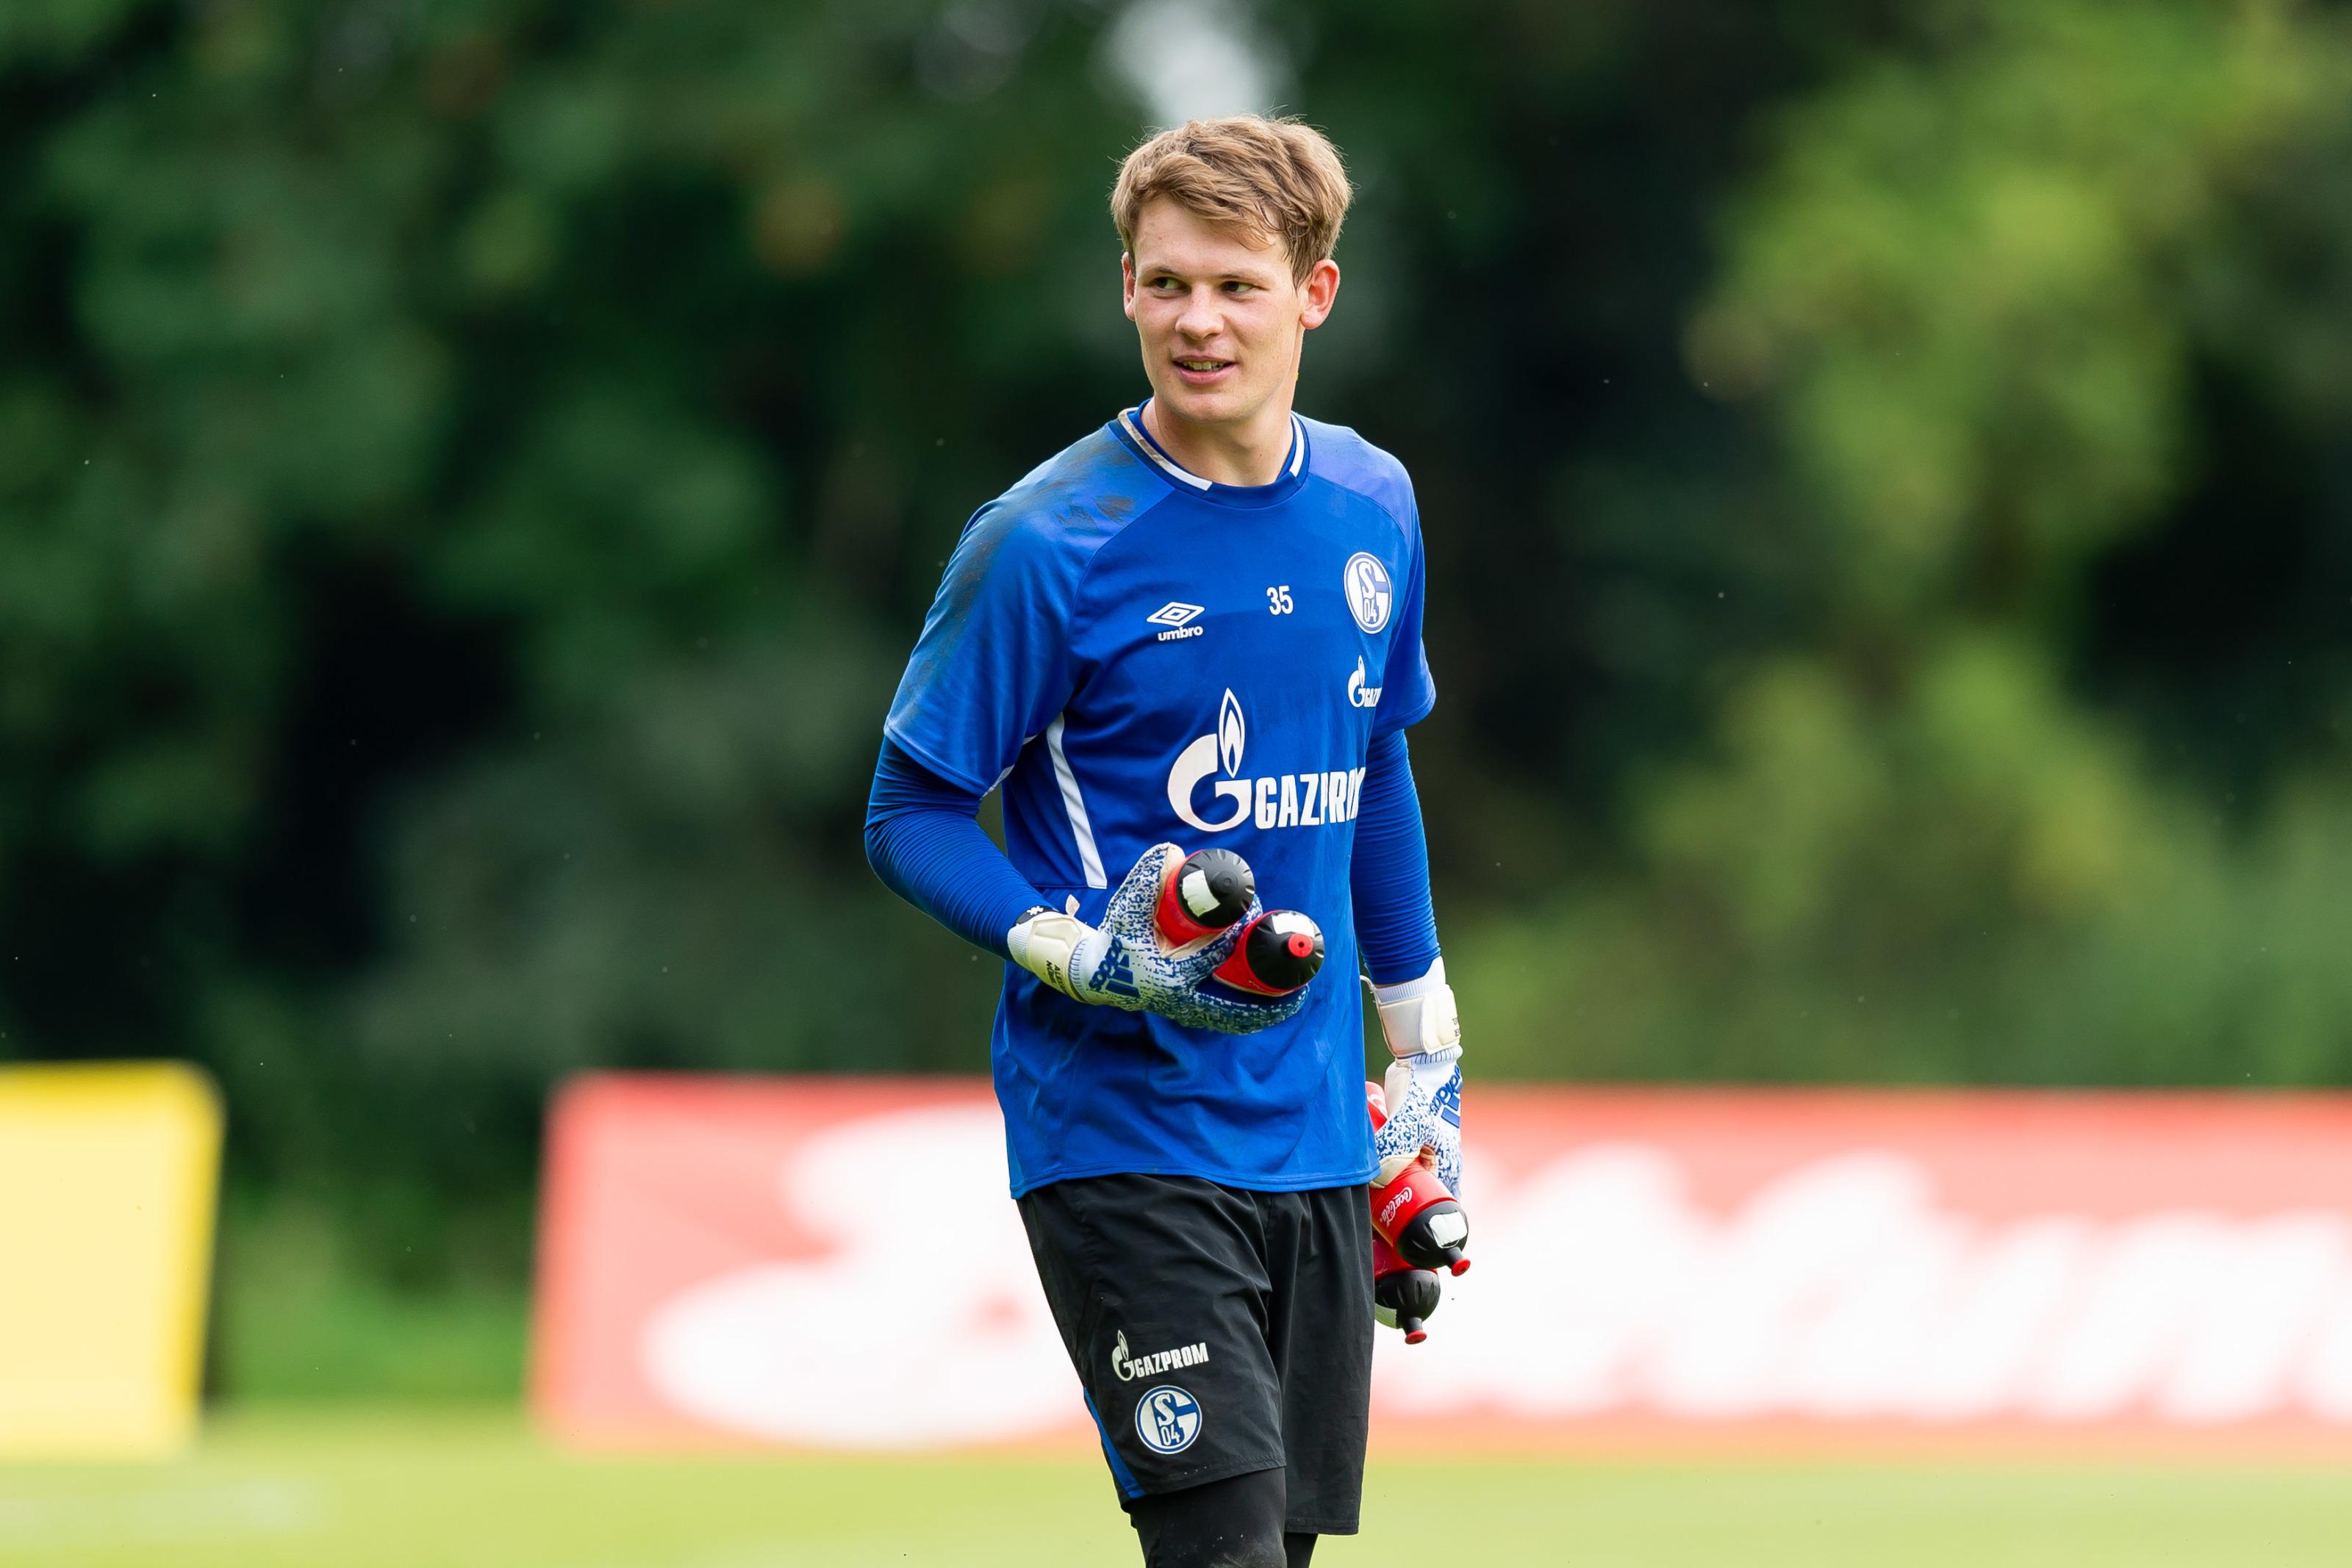 Bayern Munich will face stiff competition for Schalke's Alexander ...